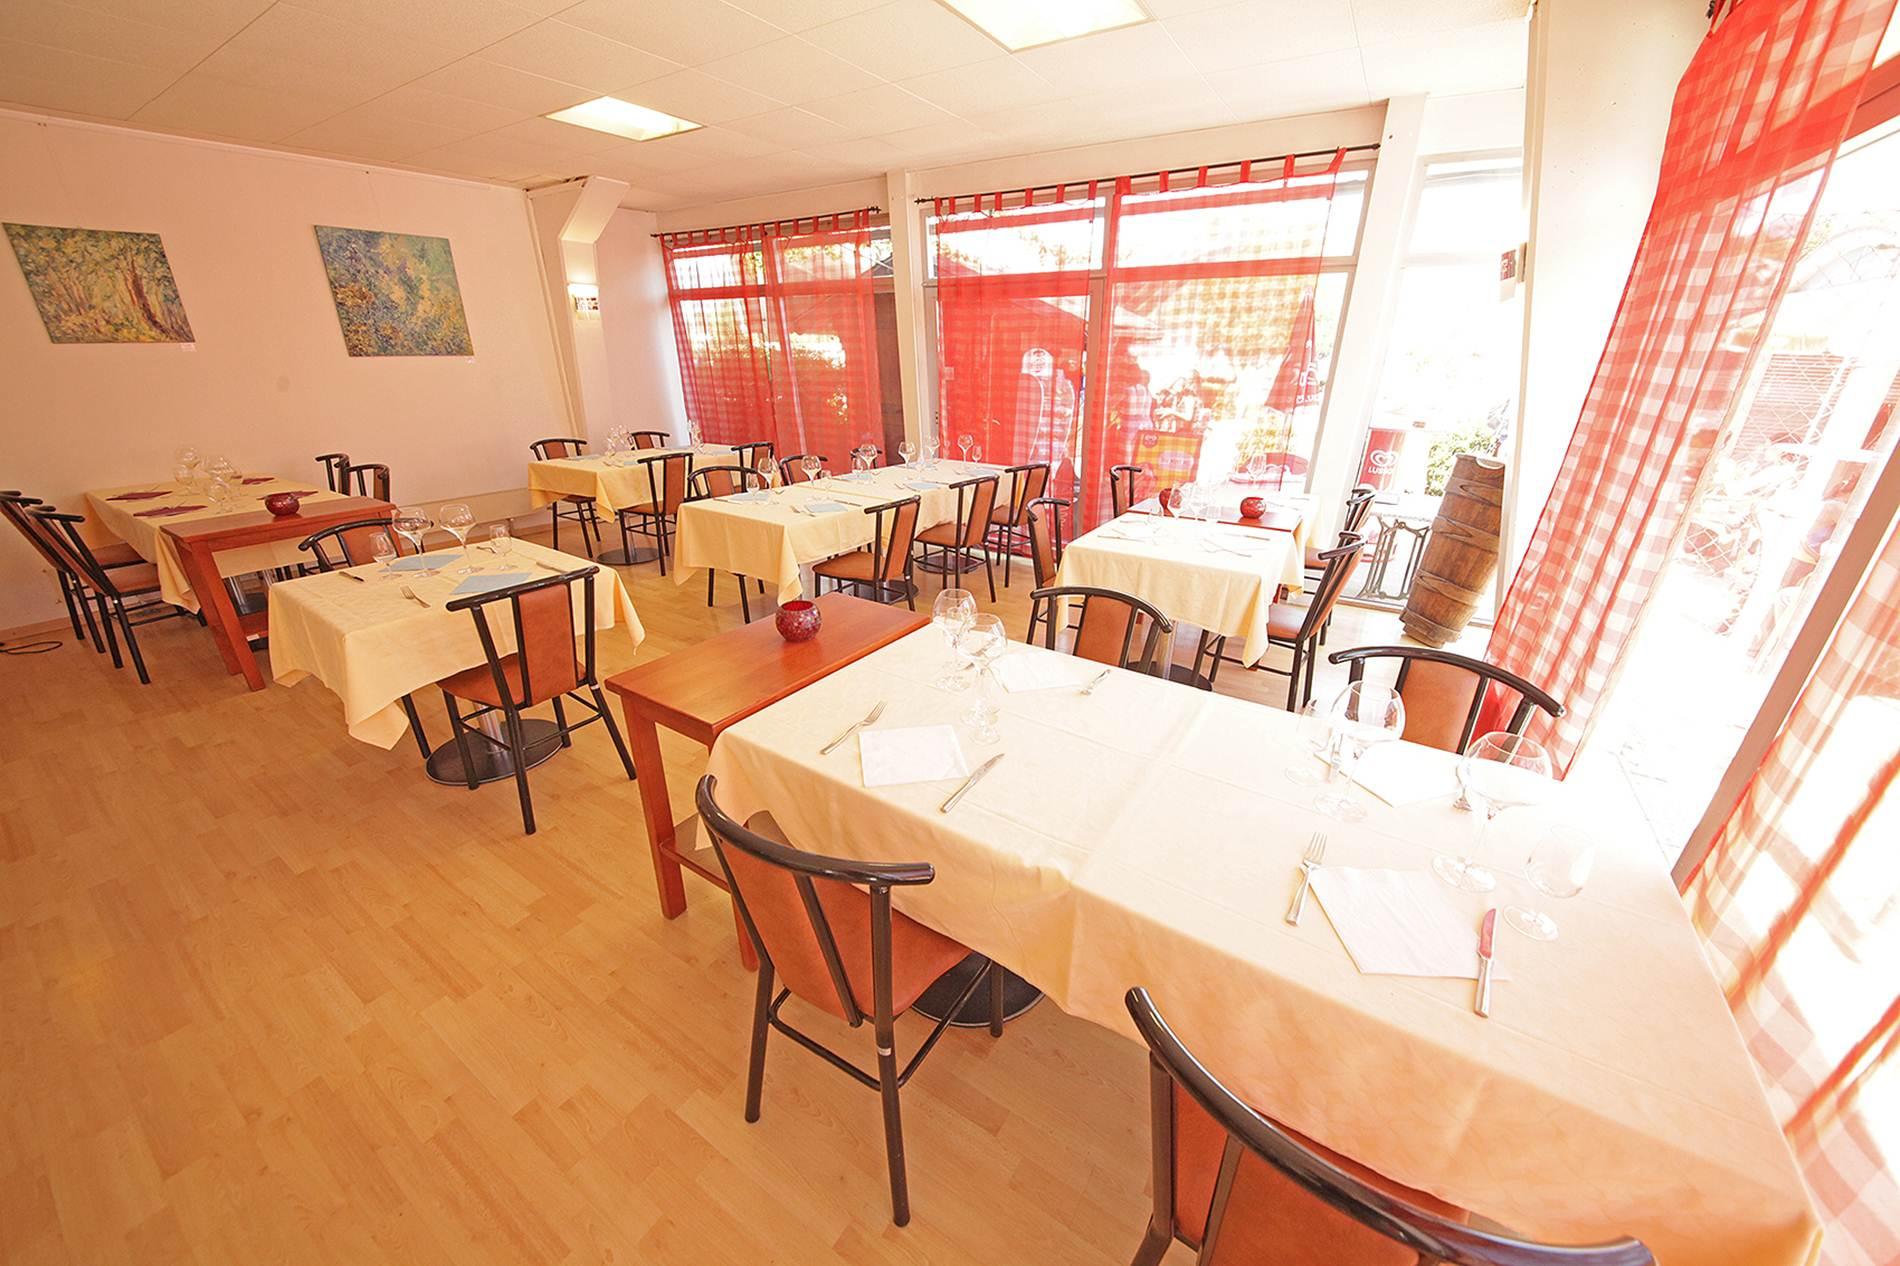 Terrasse-Piscine-Restaurant-Yverdon